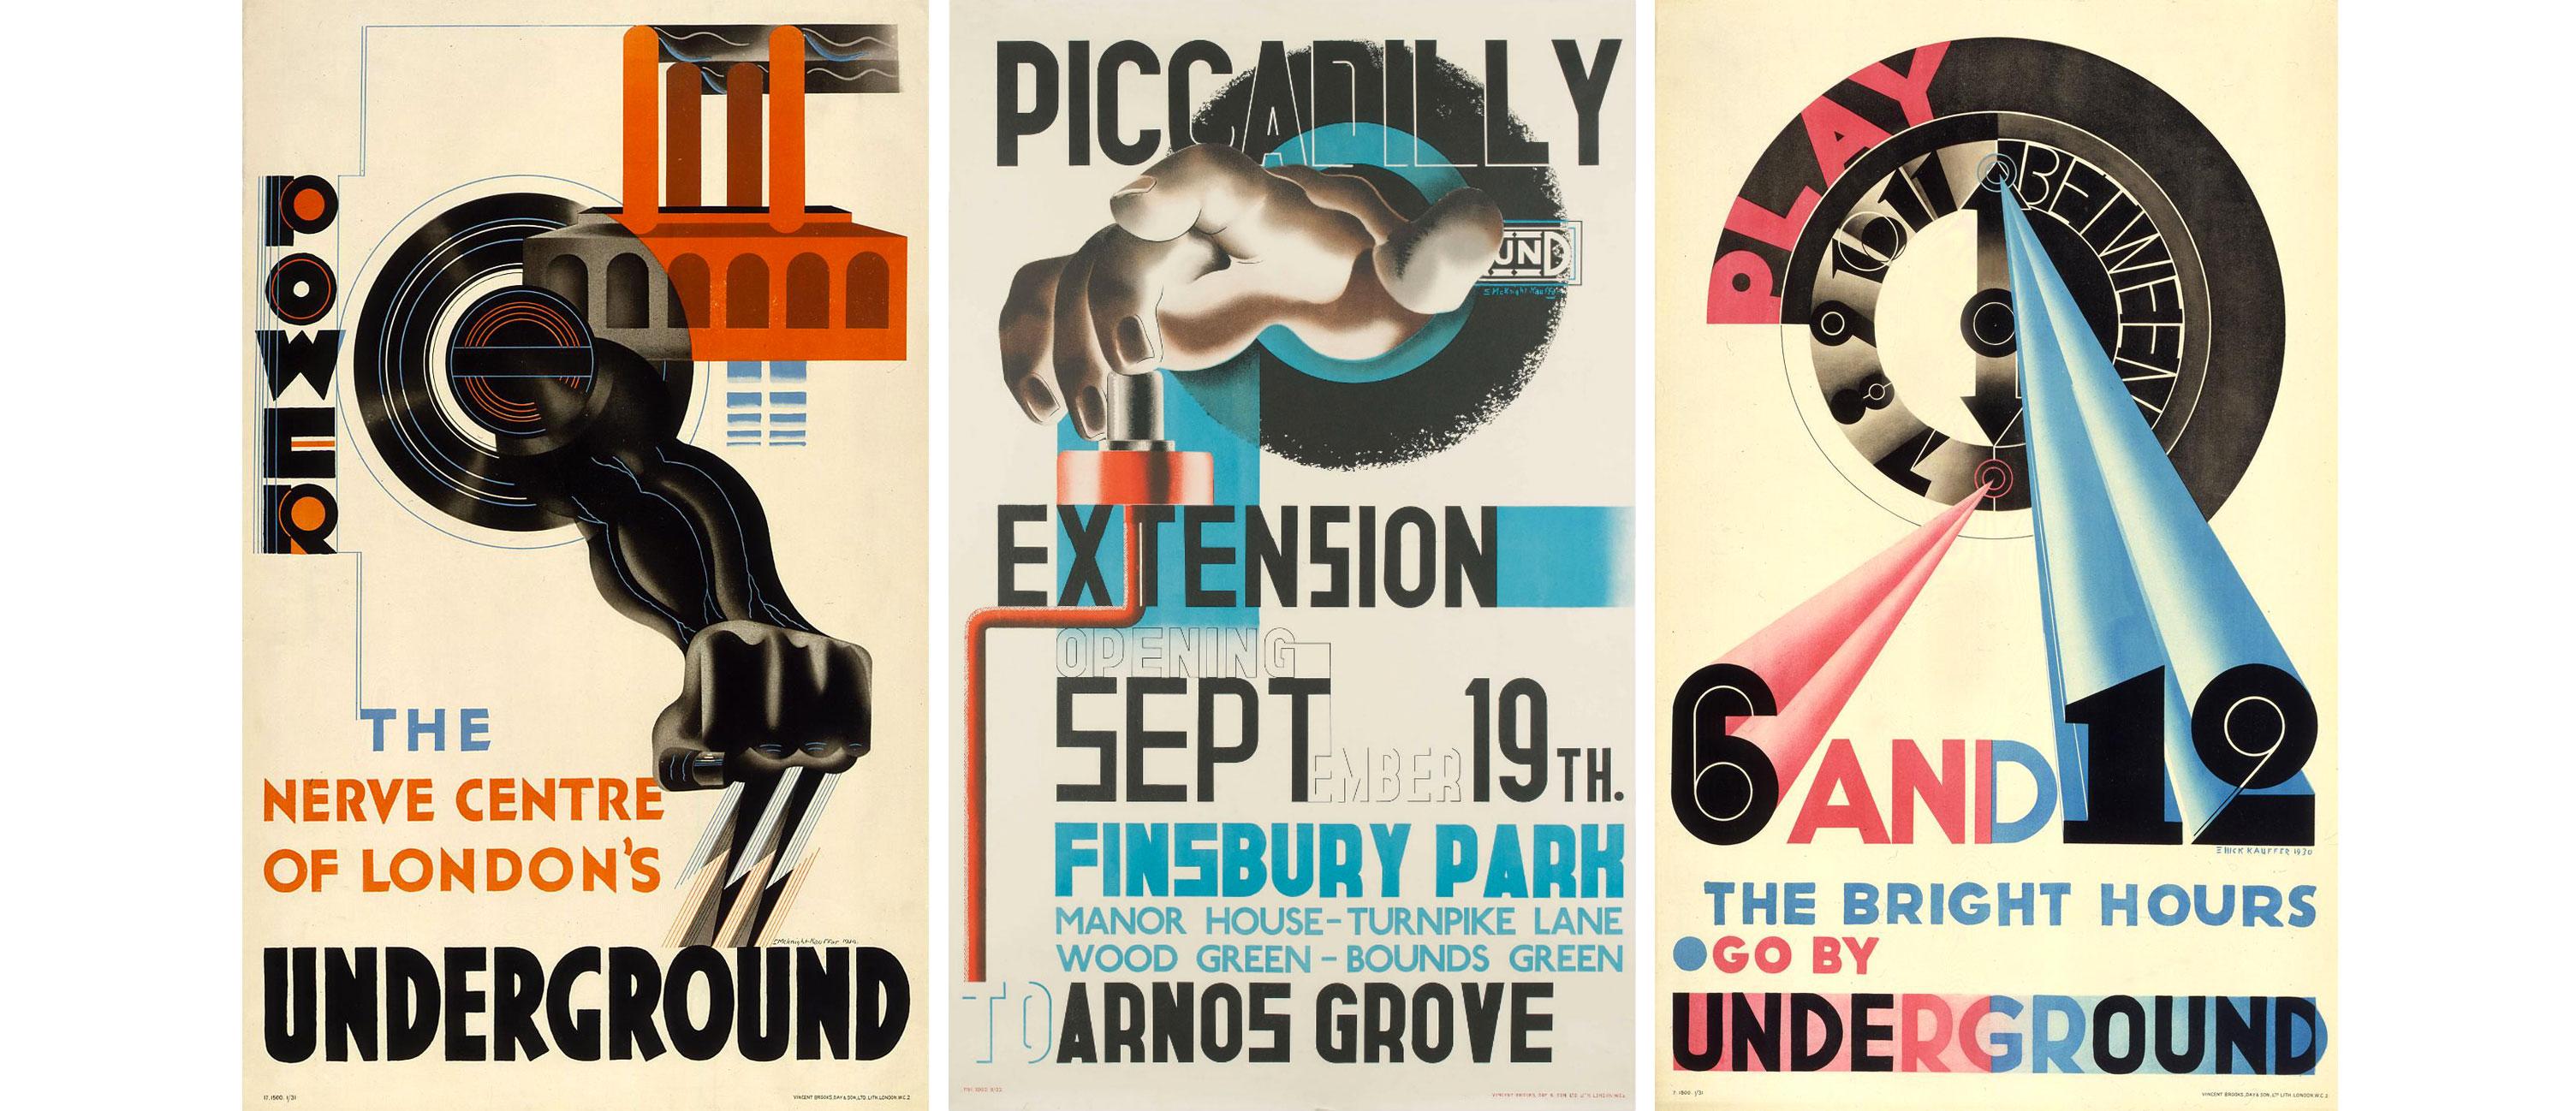 Edward-McKnight-Kauffer-affiche-london-underground